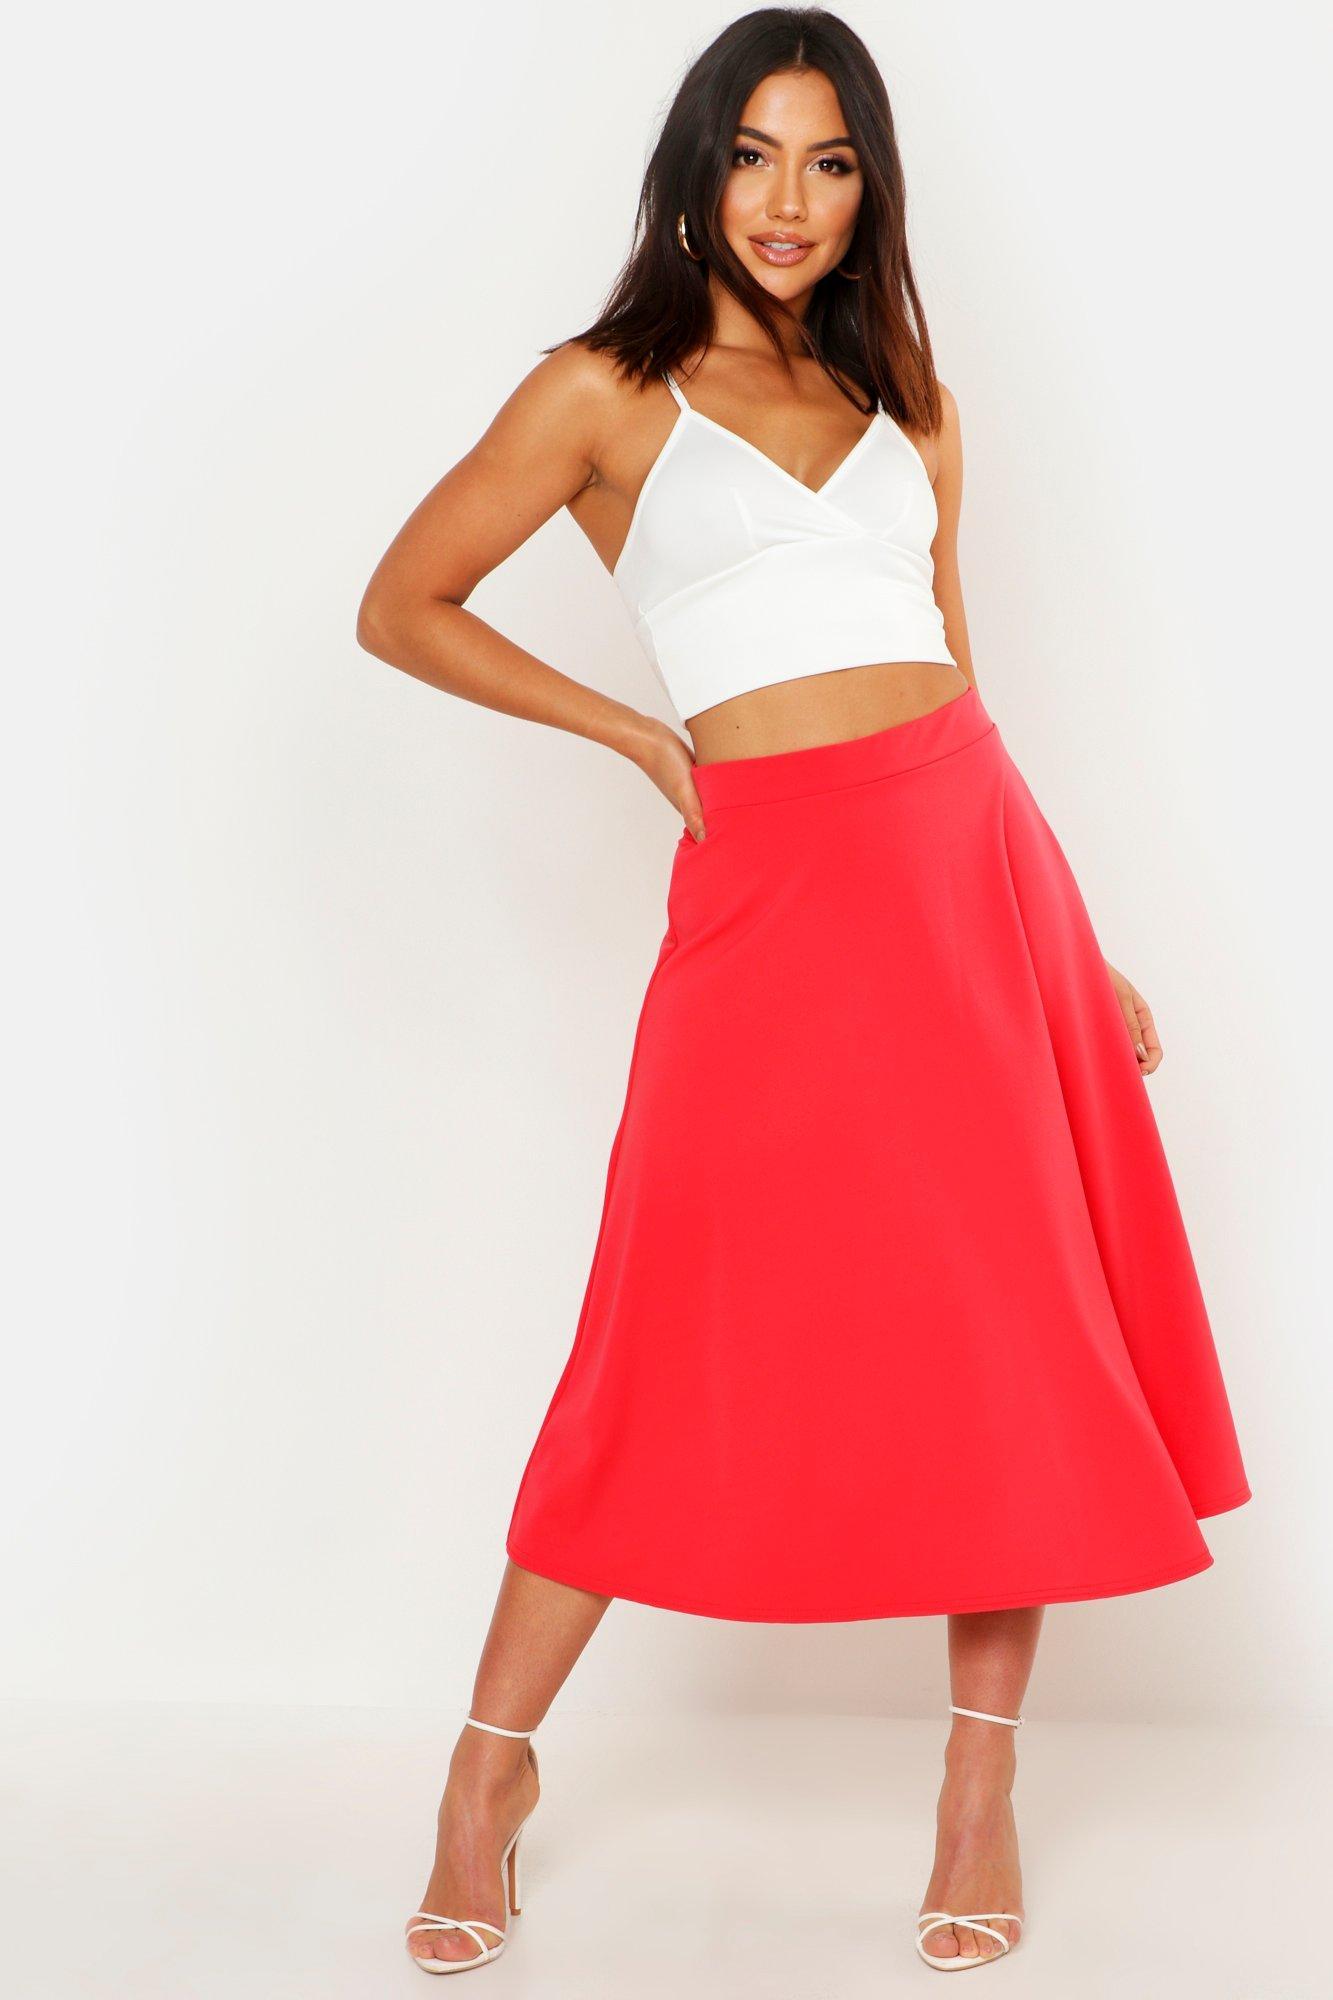 1950s Swing Skirt, Poodle Skirt, Pencil Skirts Womens Basic Plain Full Circle Midi Skirt - Pink - 12 $15.40 AT vintagedancer.com